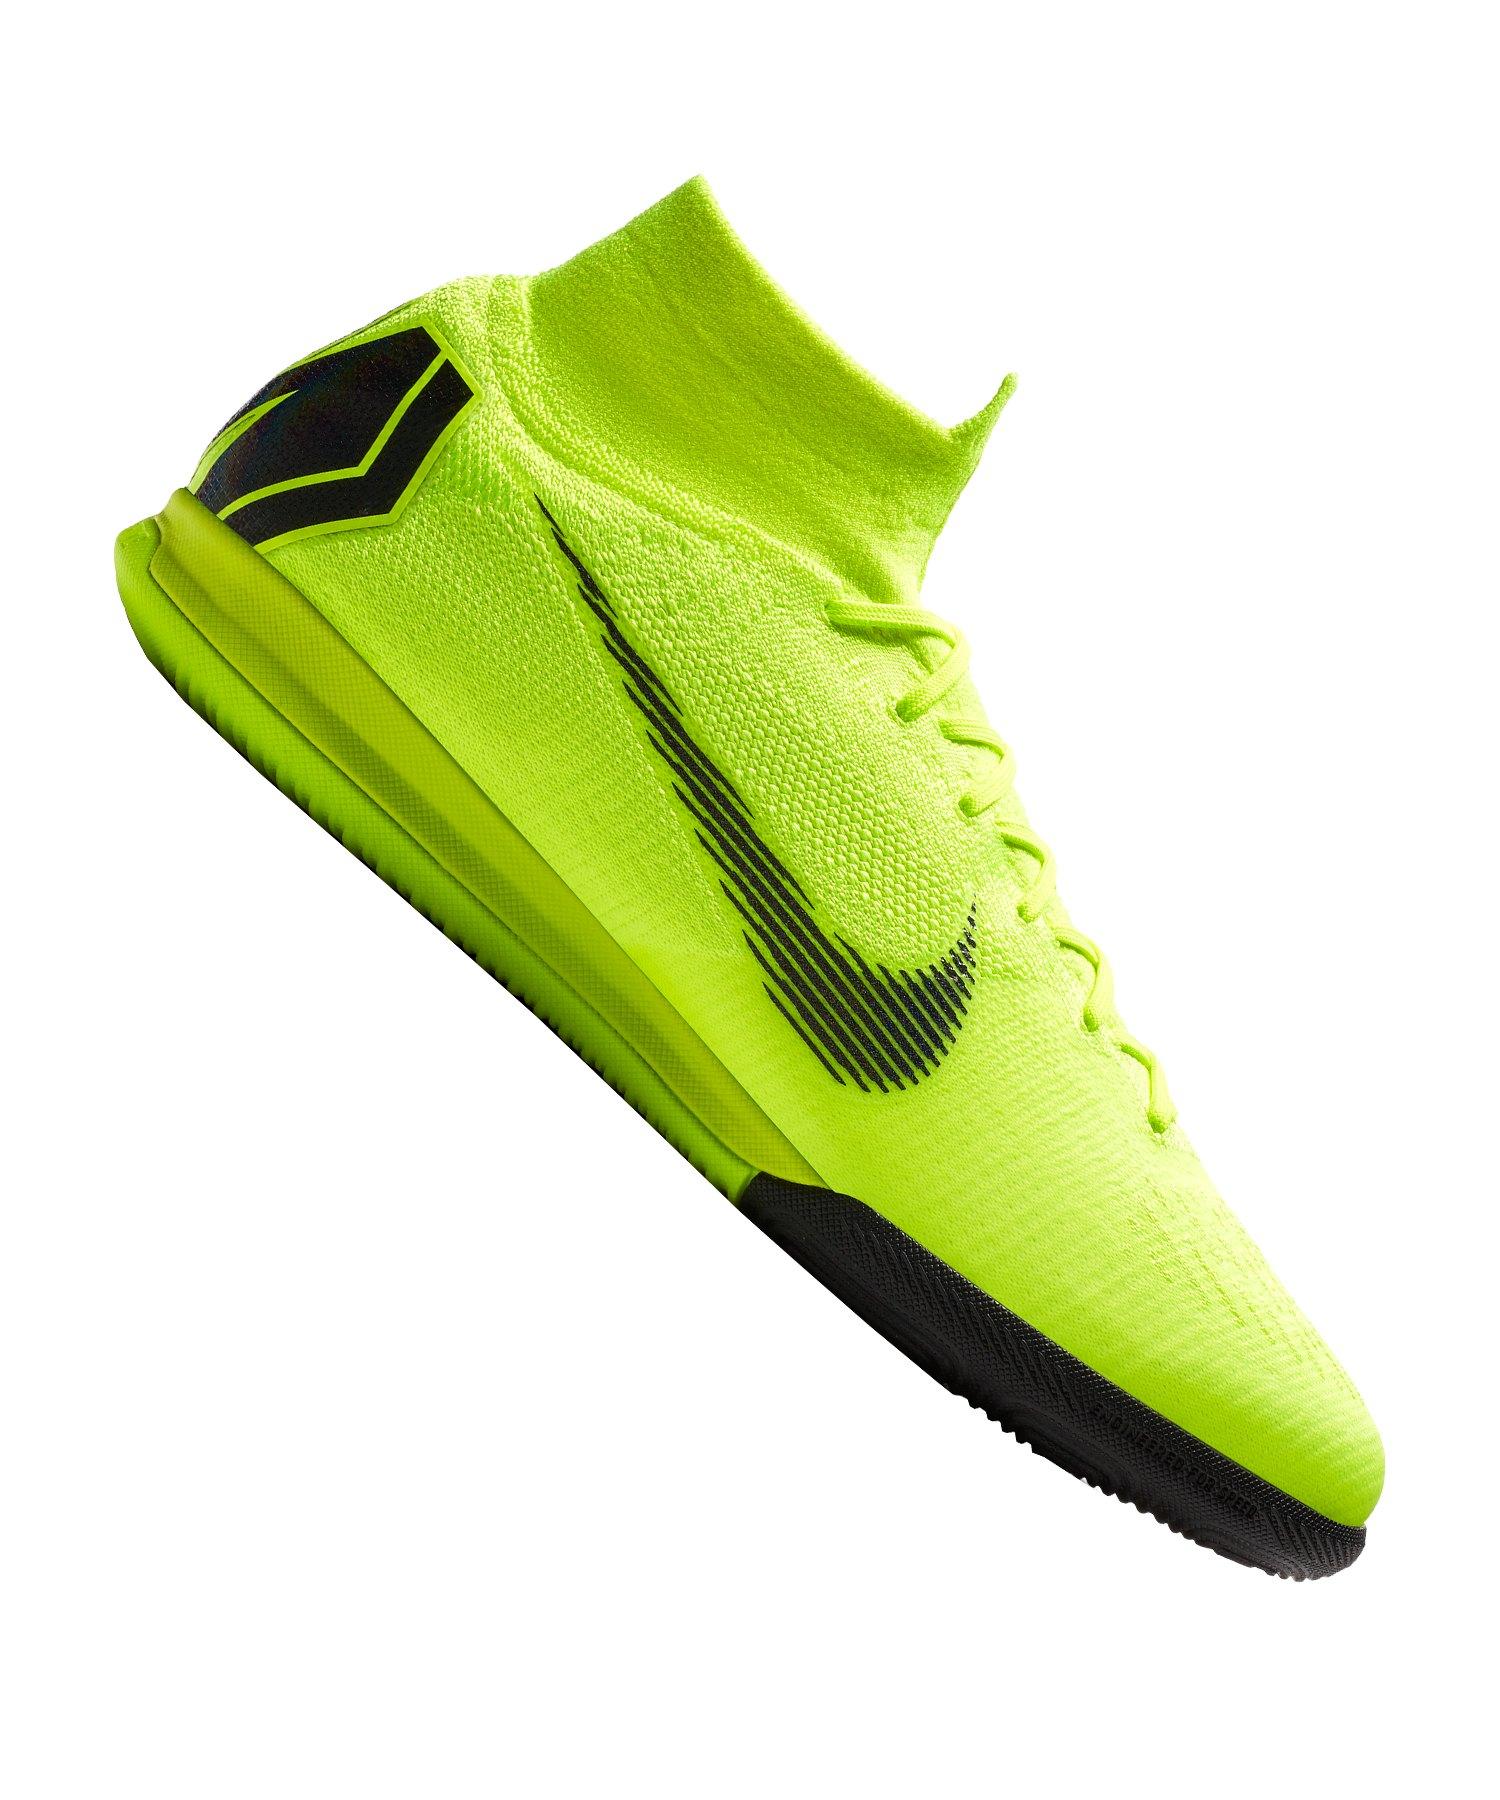 Nike Mercurial SuperflyX VI Elite IC Gelb F701 - gelb